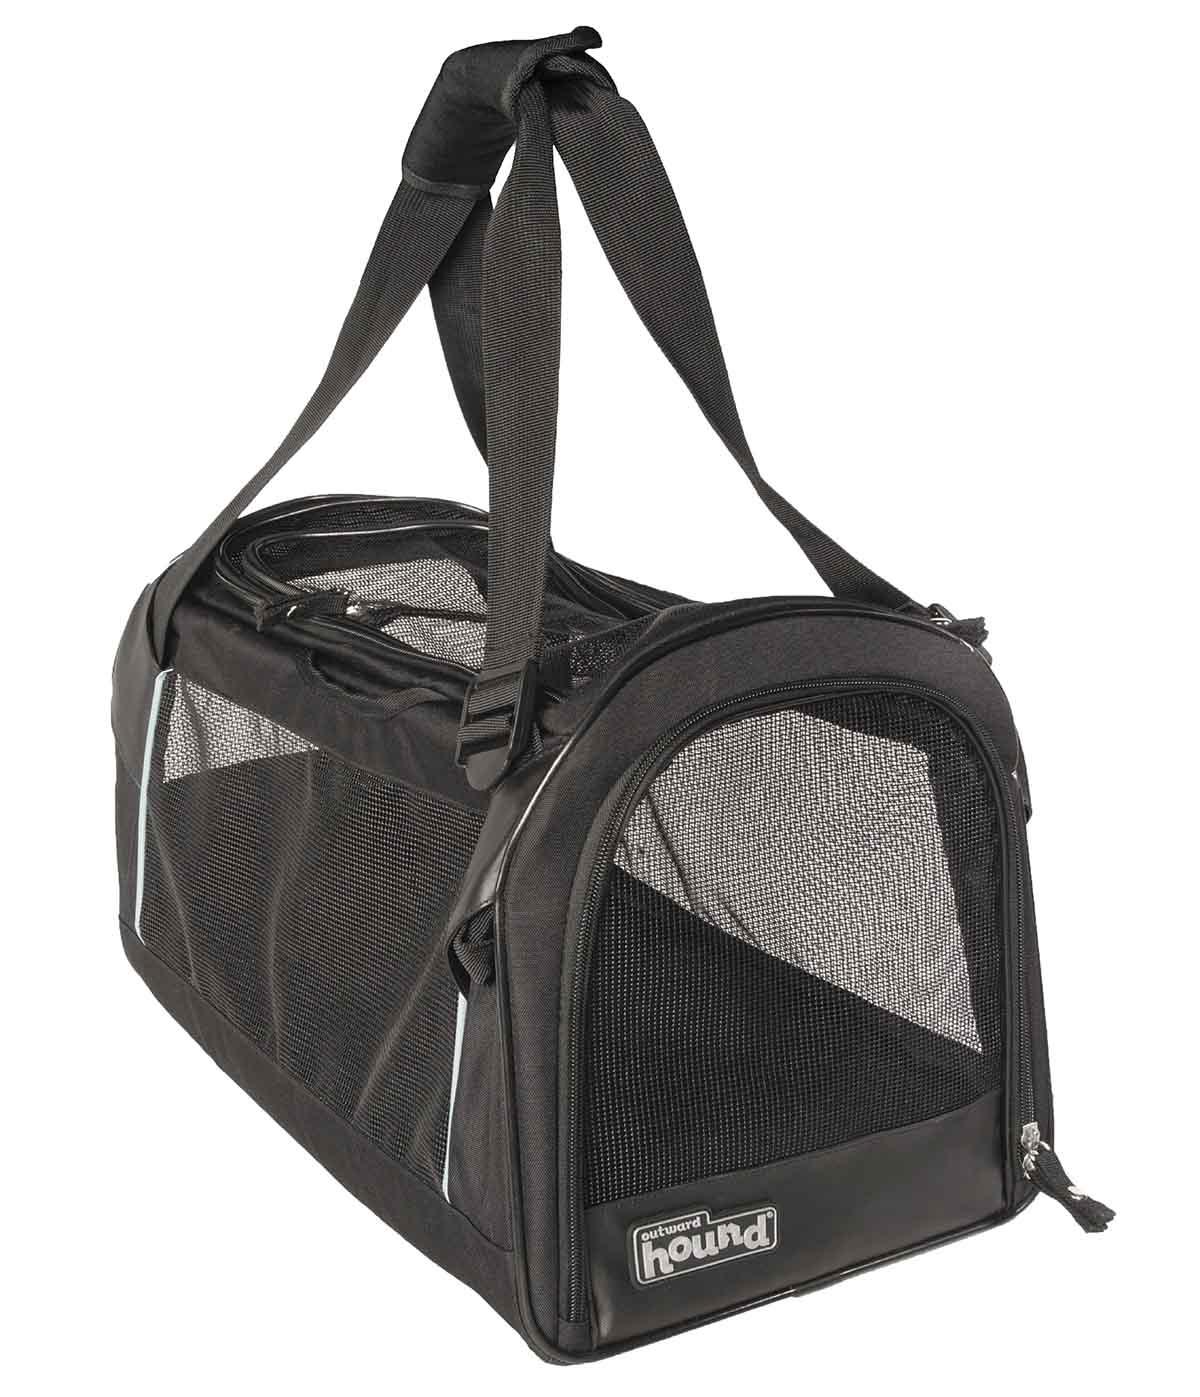 black pet carrier. pet travel accessories